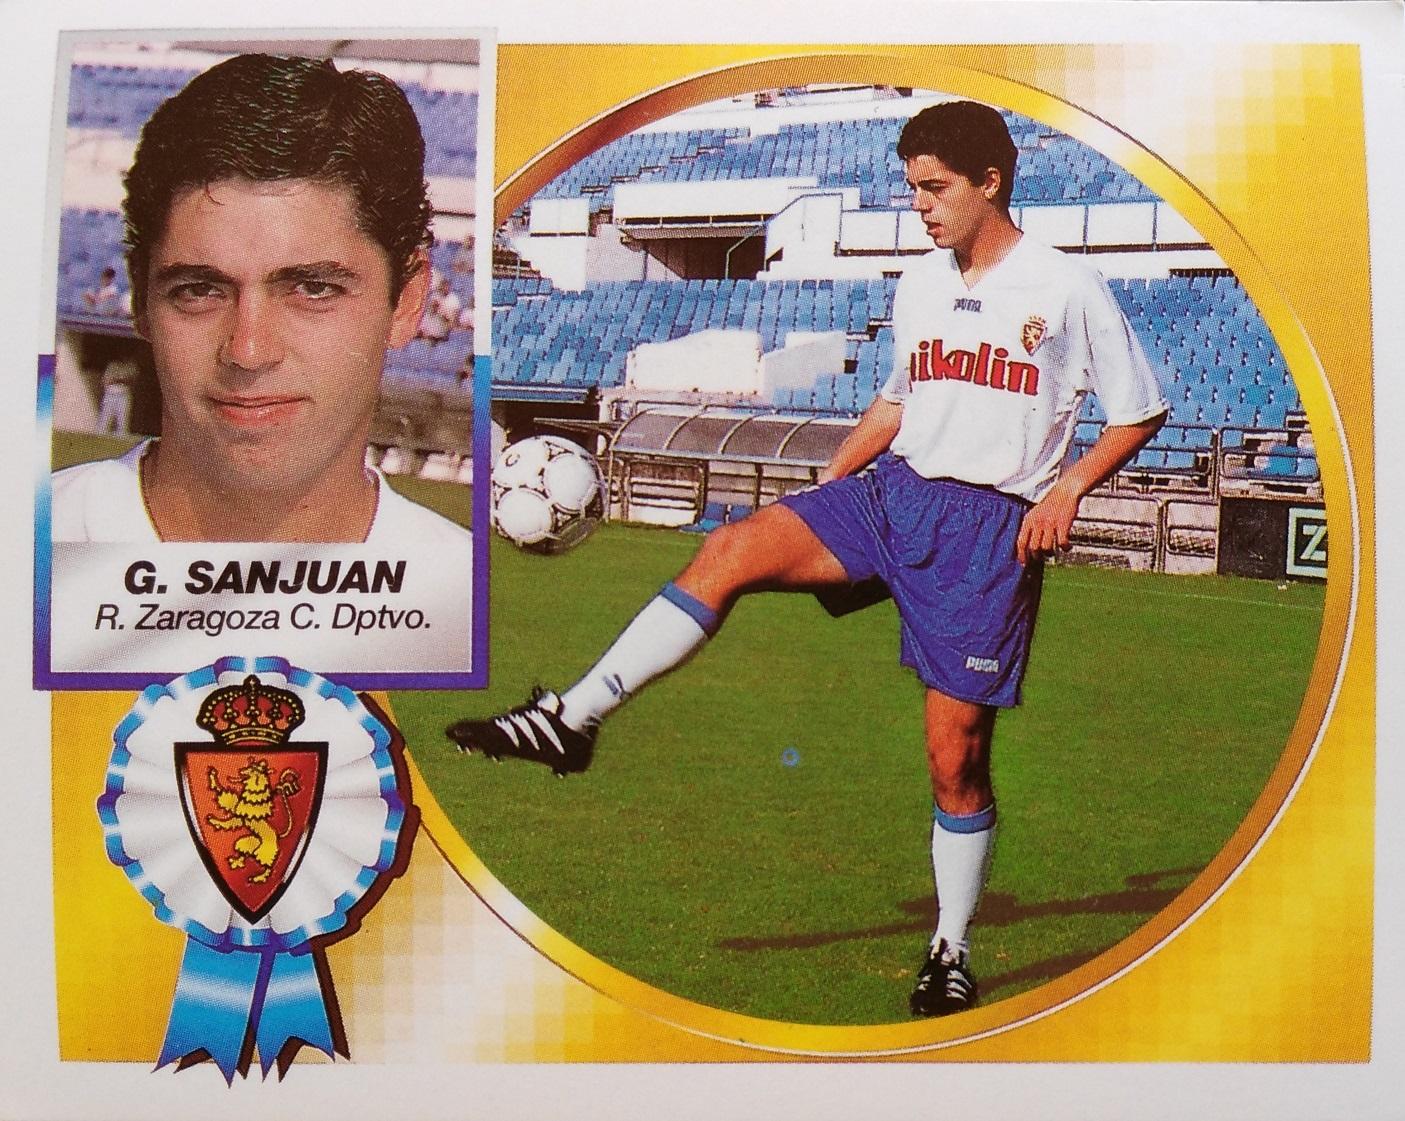 Cromo de García Sanjuan en su etapa en el Zaragoza (Ed. Este).